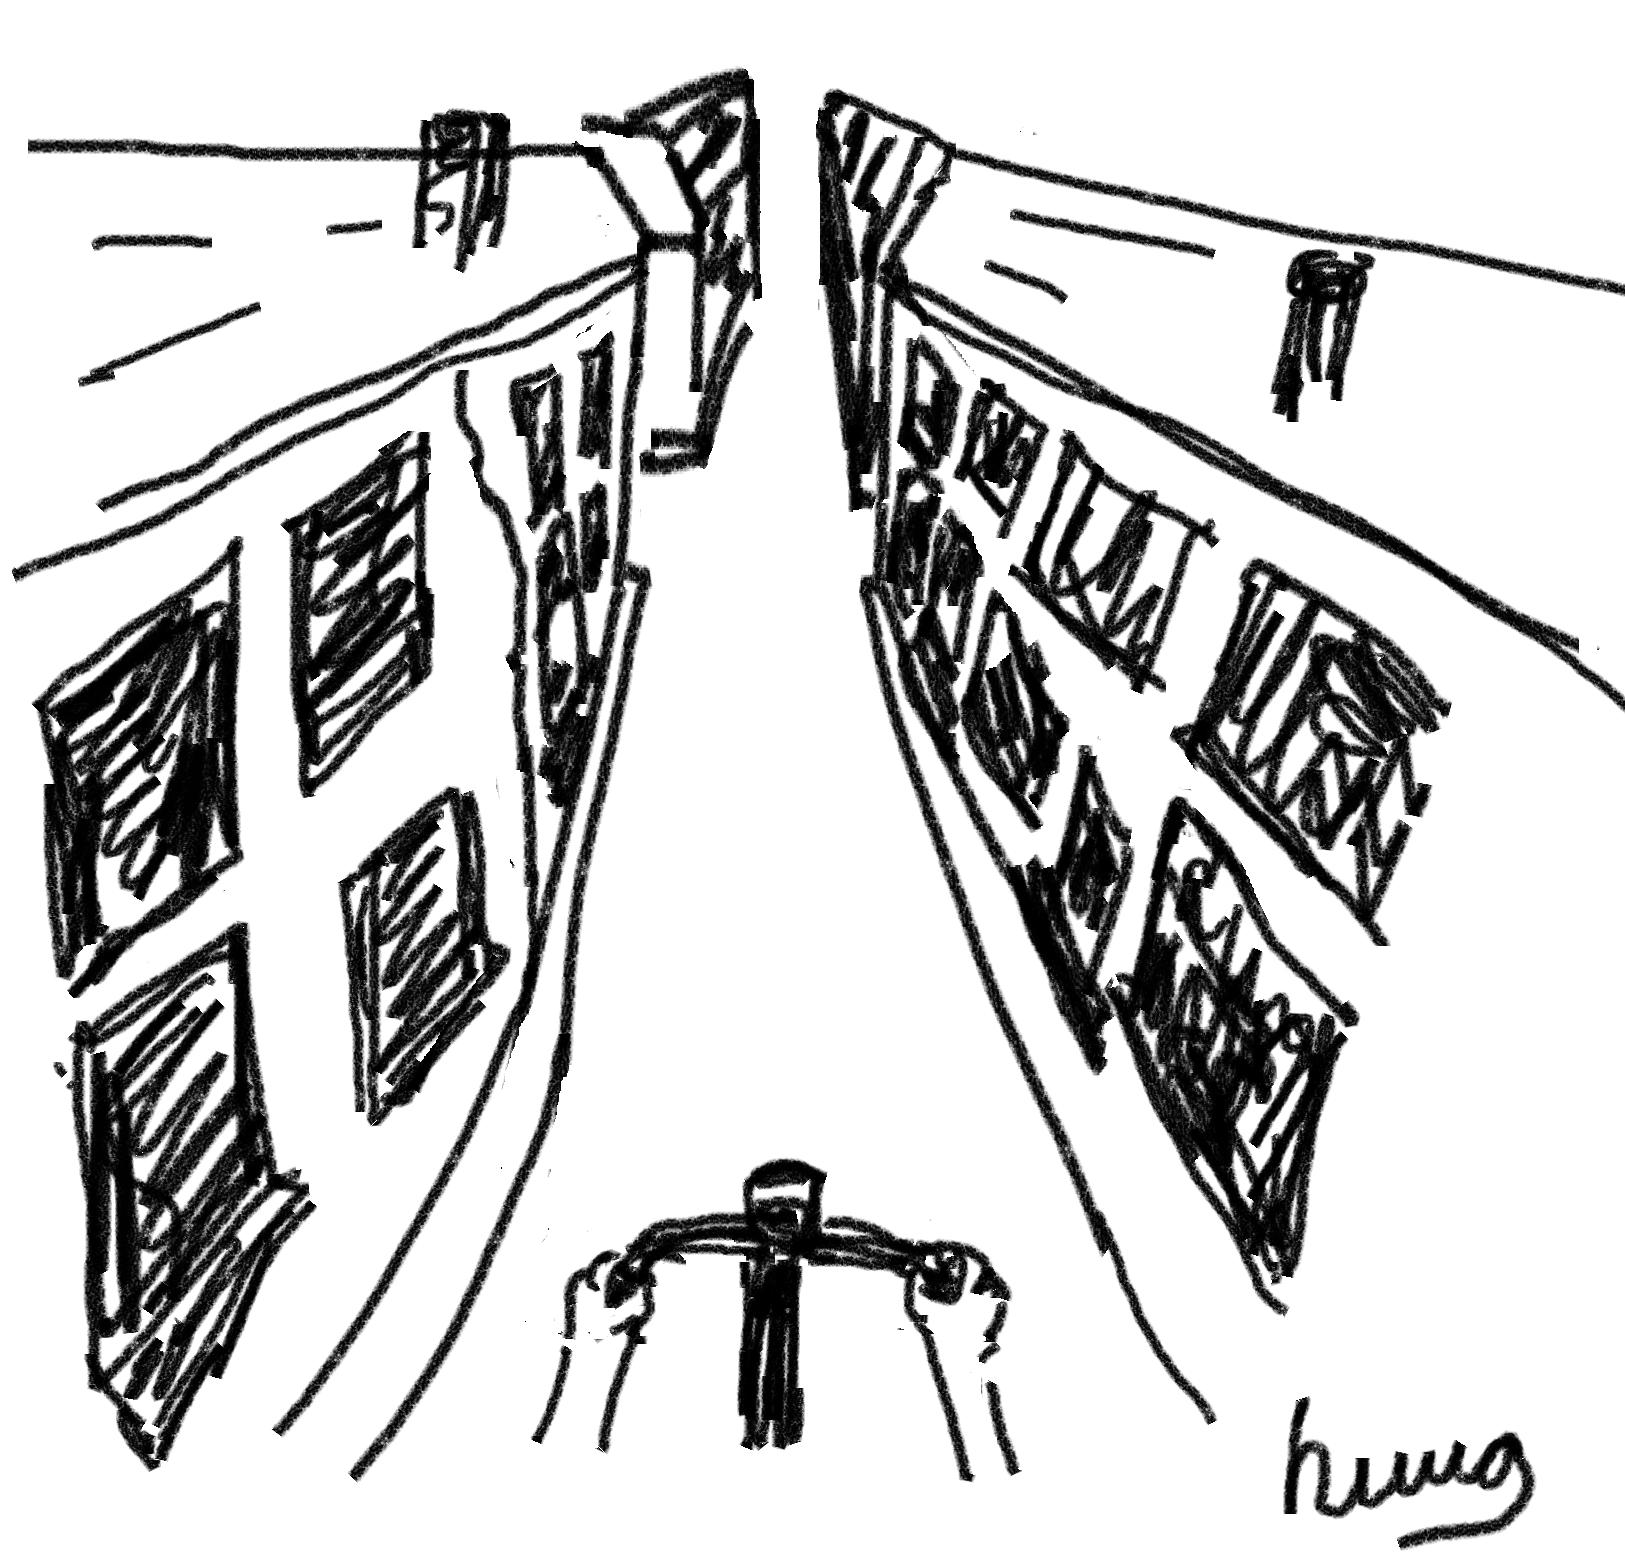 The Krommestraat in Amersfoort